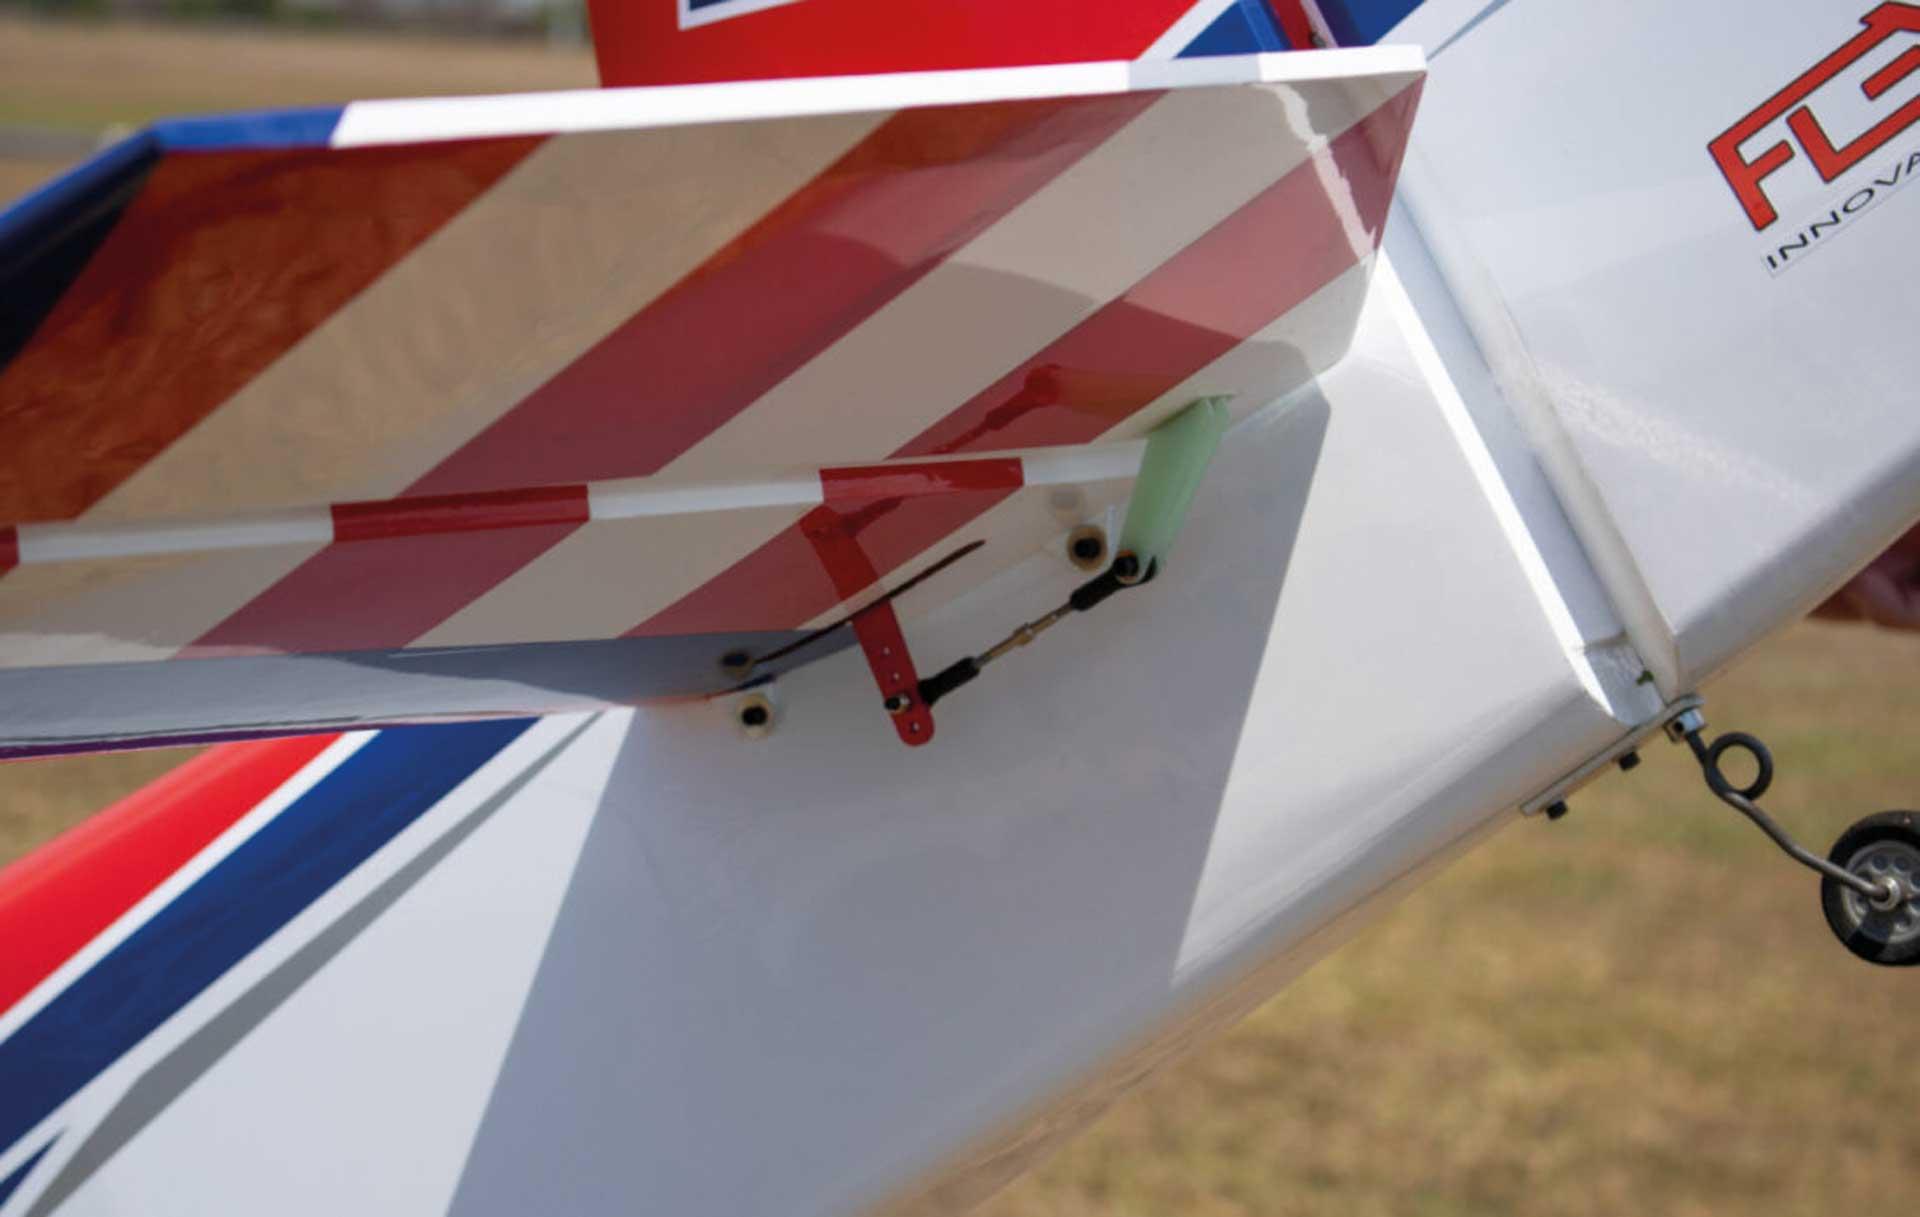 PREMIER AIRCRAFT RV-8 70cc ARF # 8 rot/blau